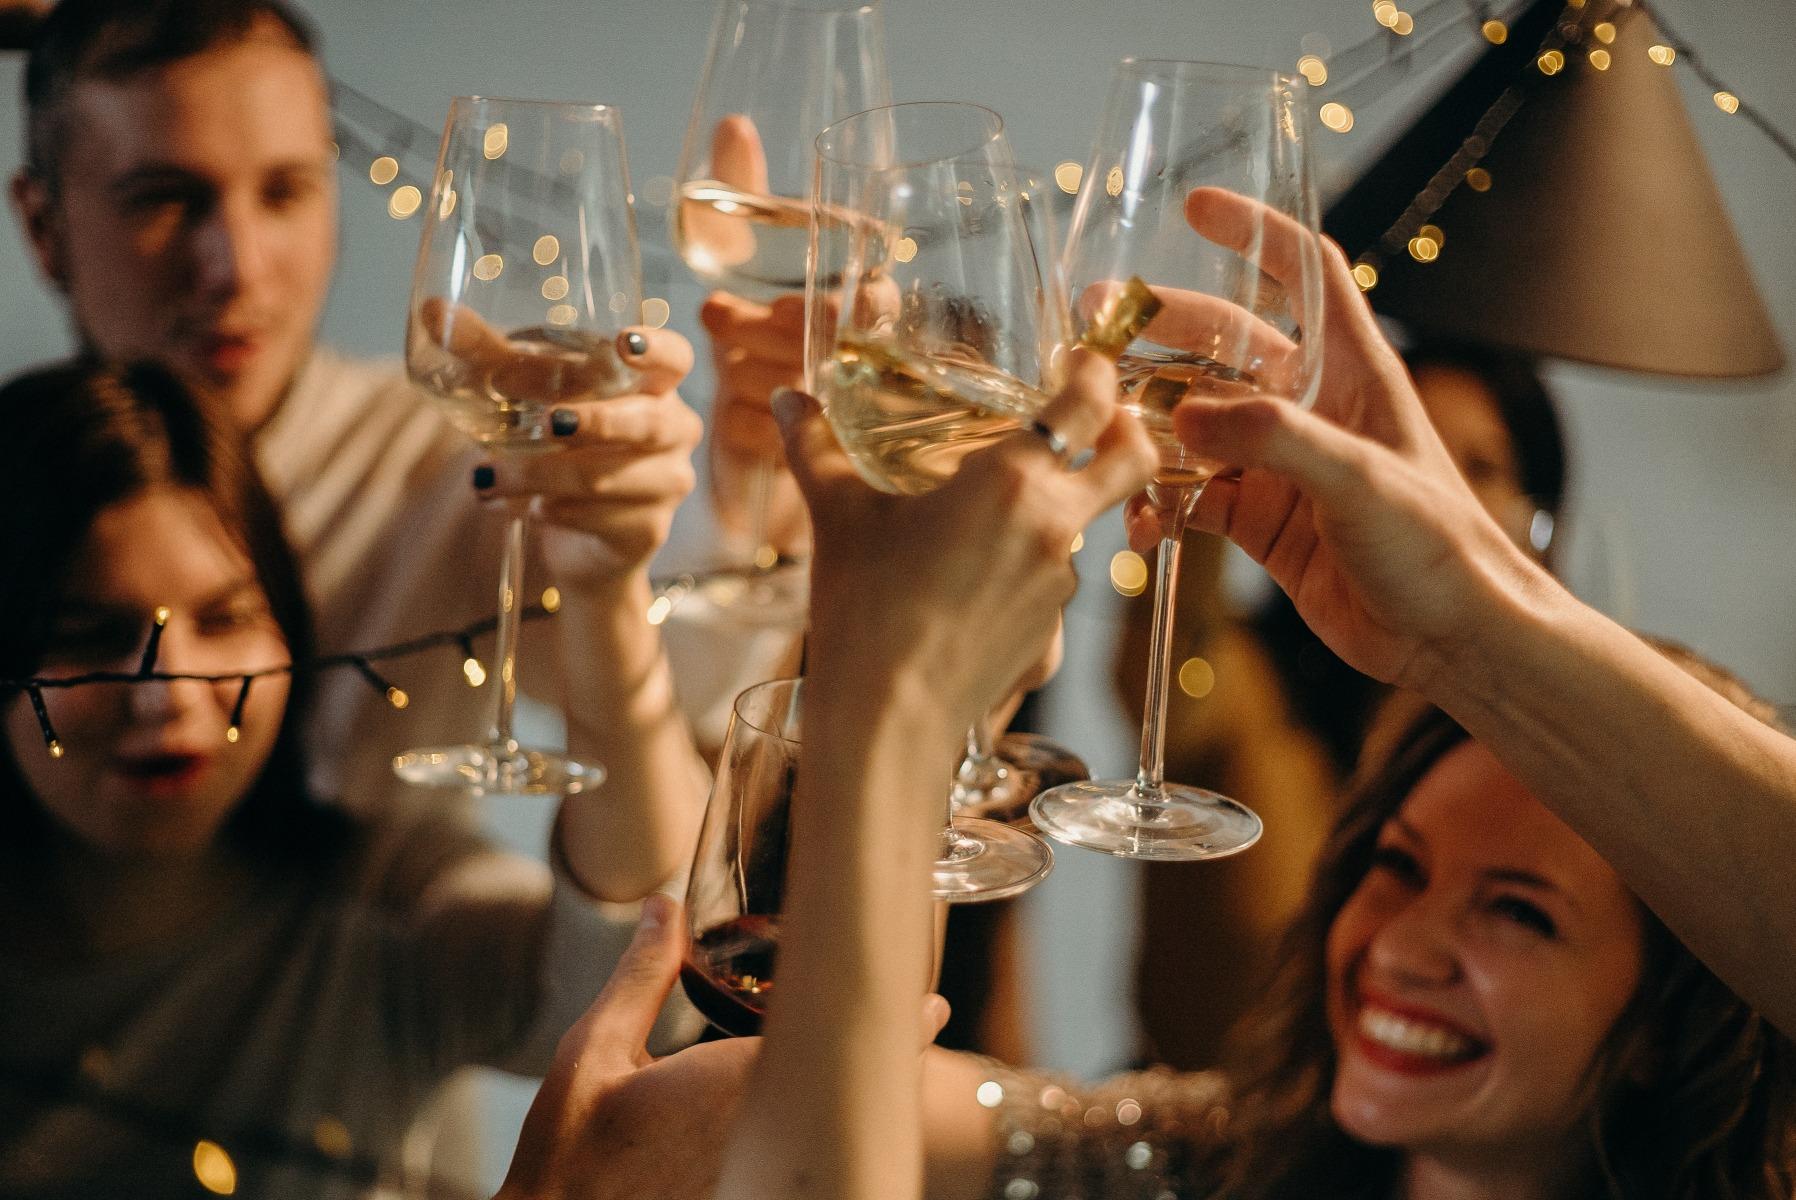 company anniversary celebration at 5 star hotel in hanoi